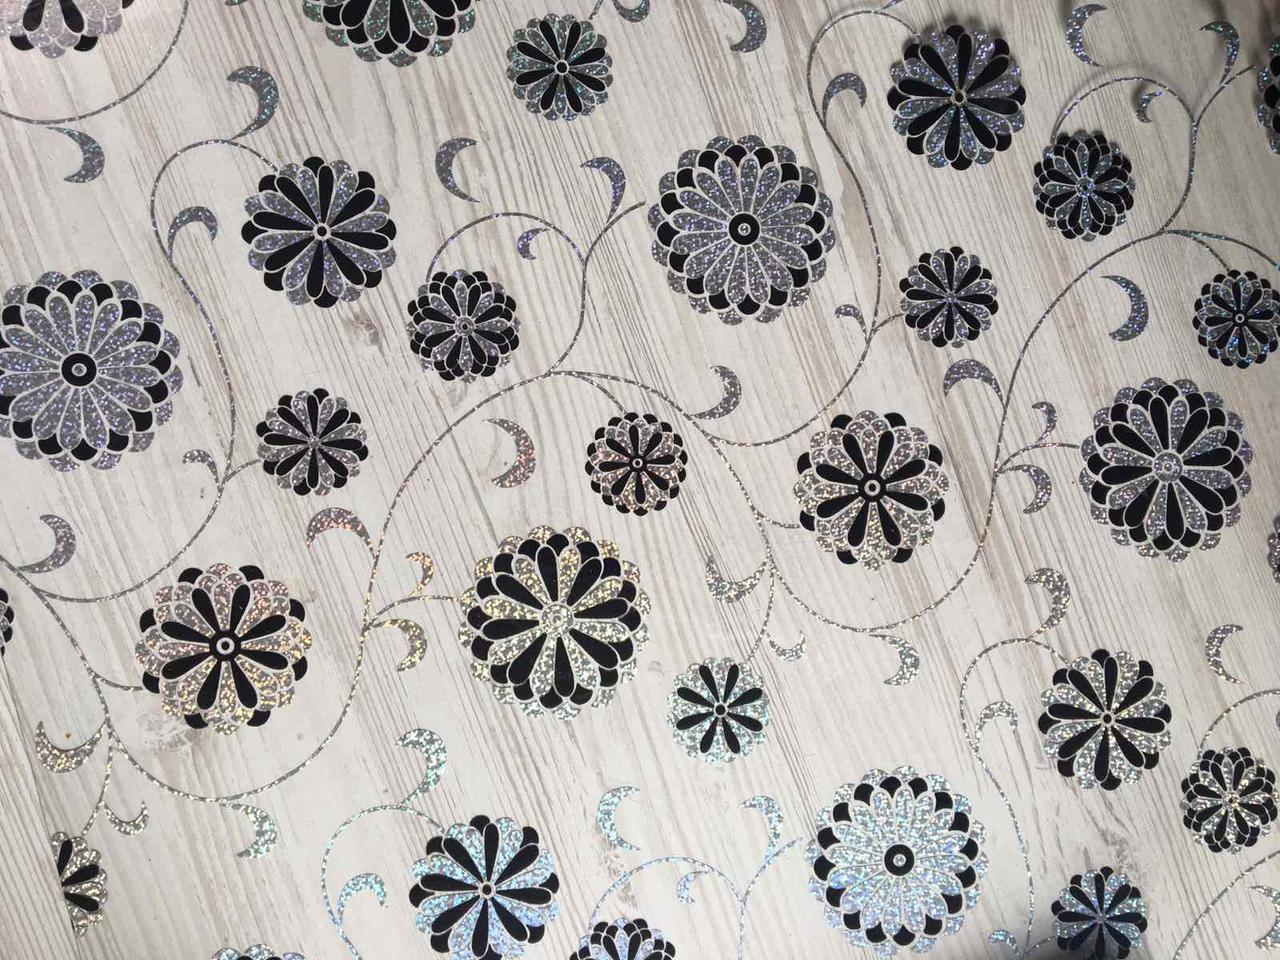 Скатерть мягкое стекло Soft Glass с лазерным рисунком 3.0х0.8м (толщина 1.5мм) Серебристо-черные цветы